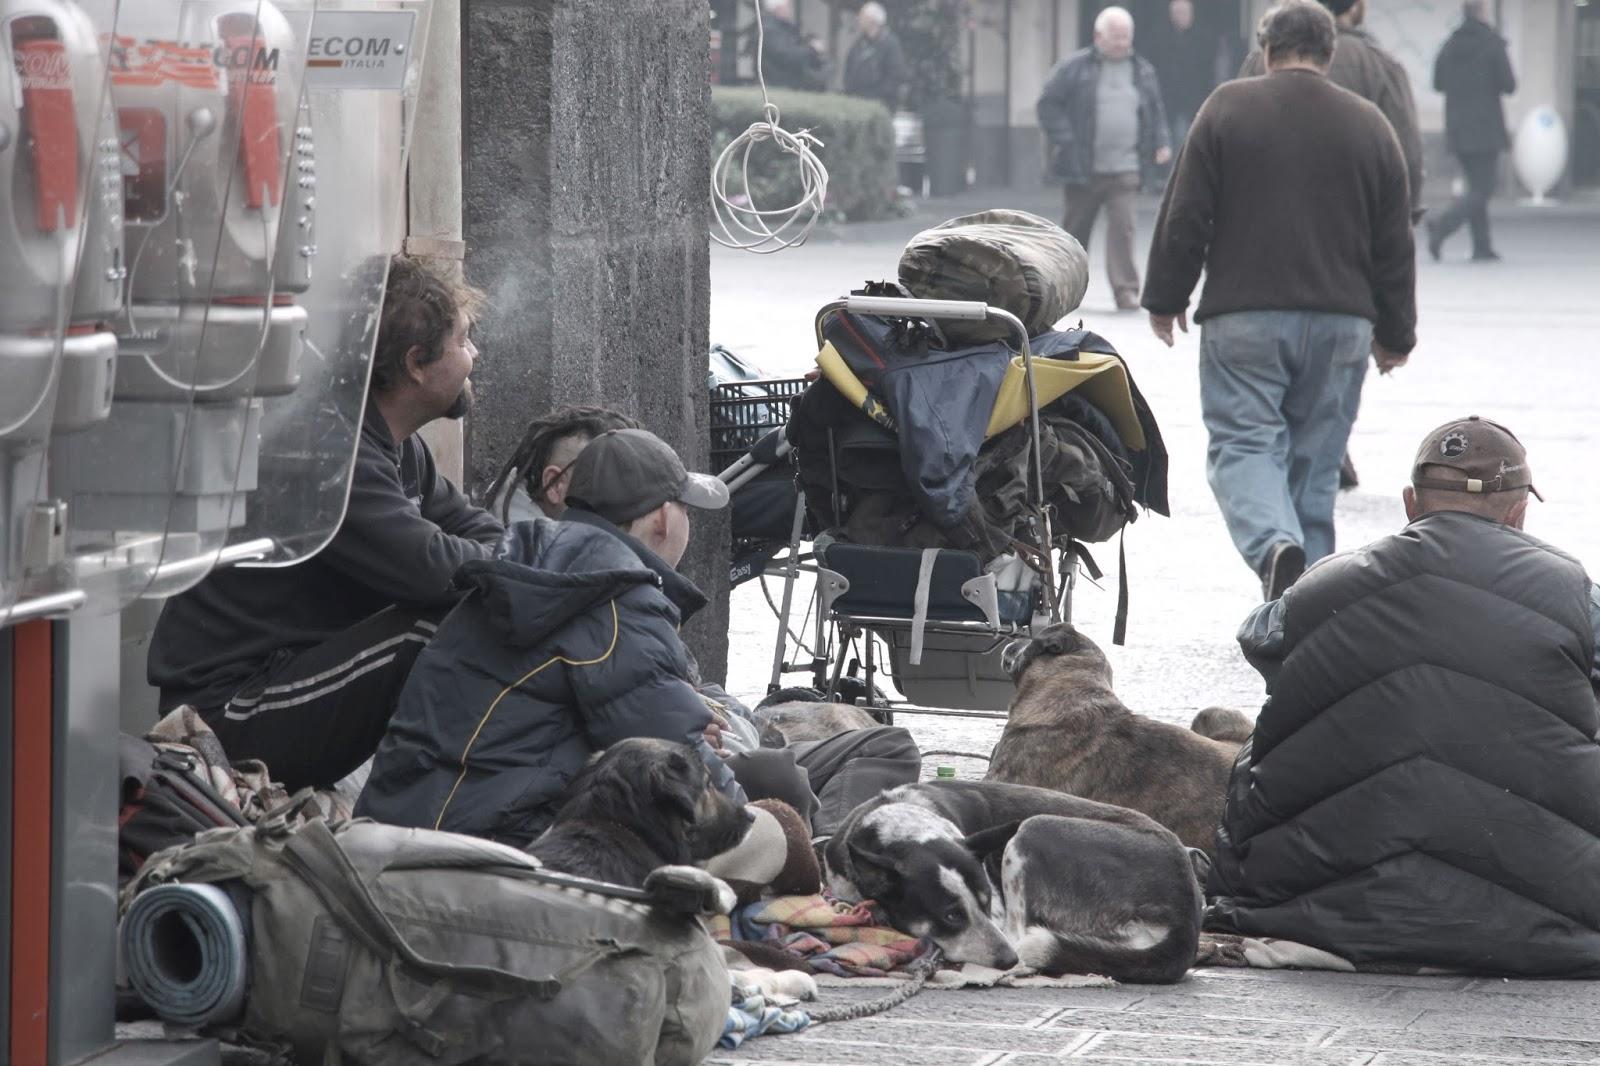 Pestaggio a Genova inquirenti pensano a vendetta per